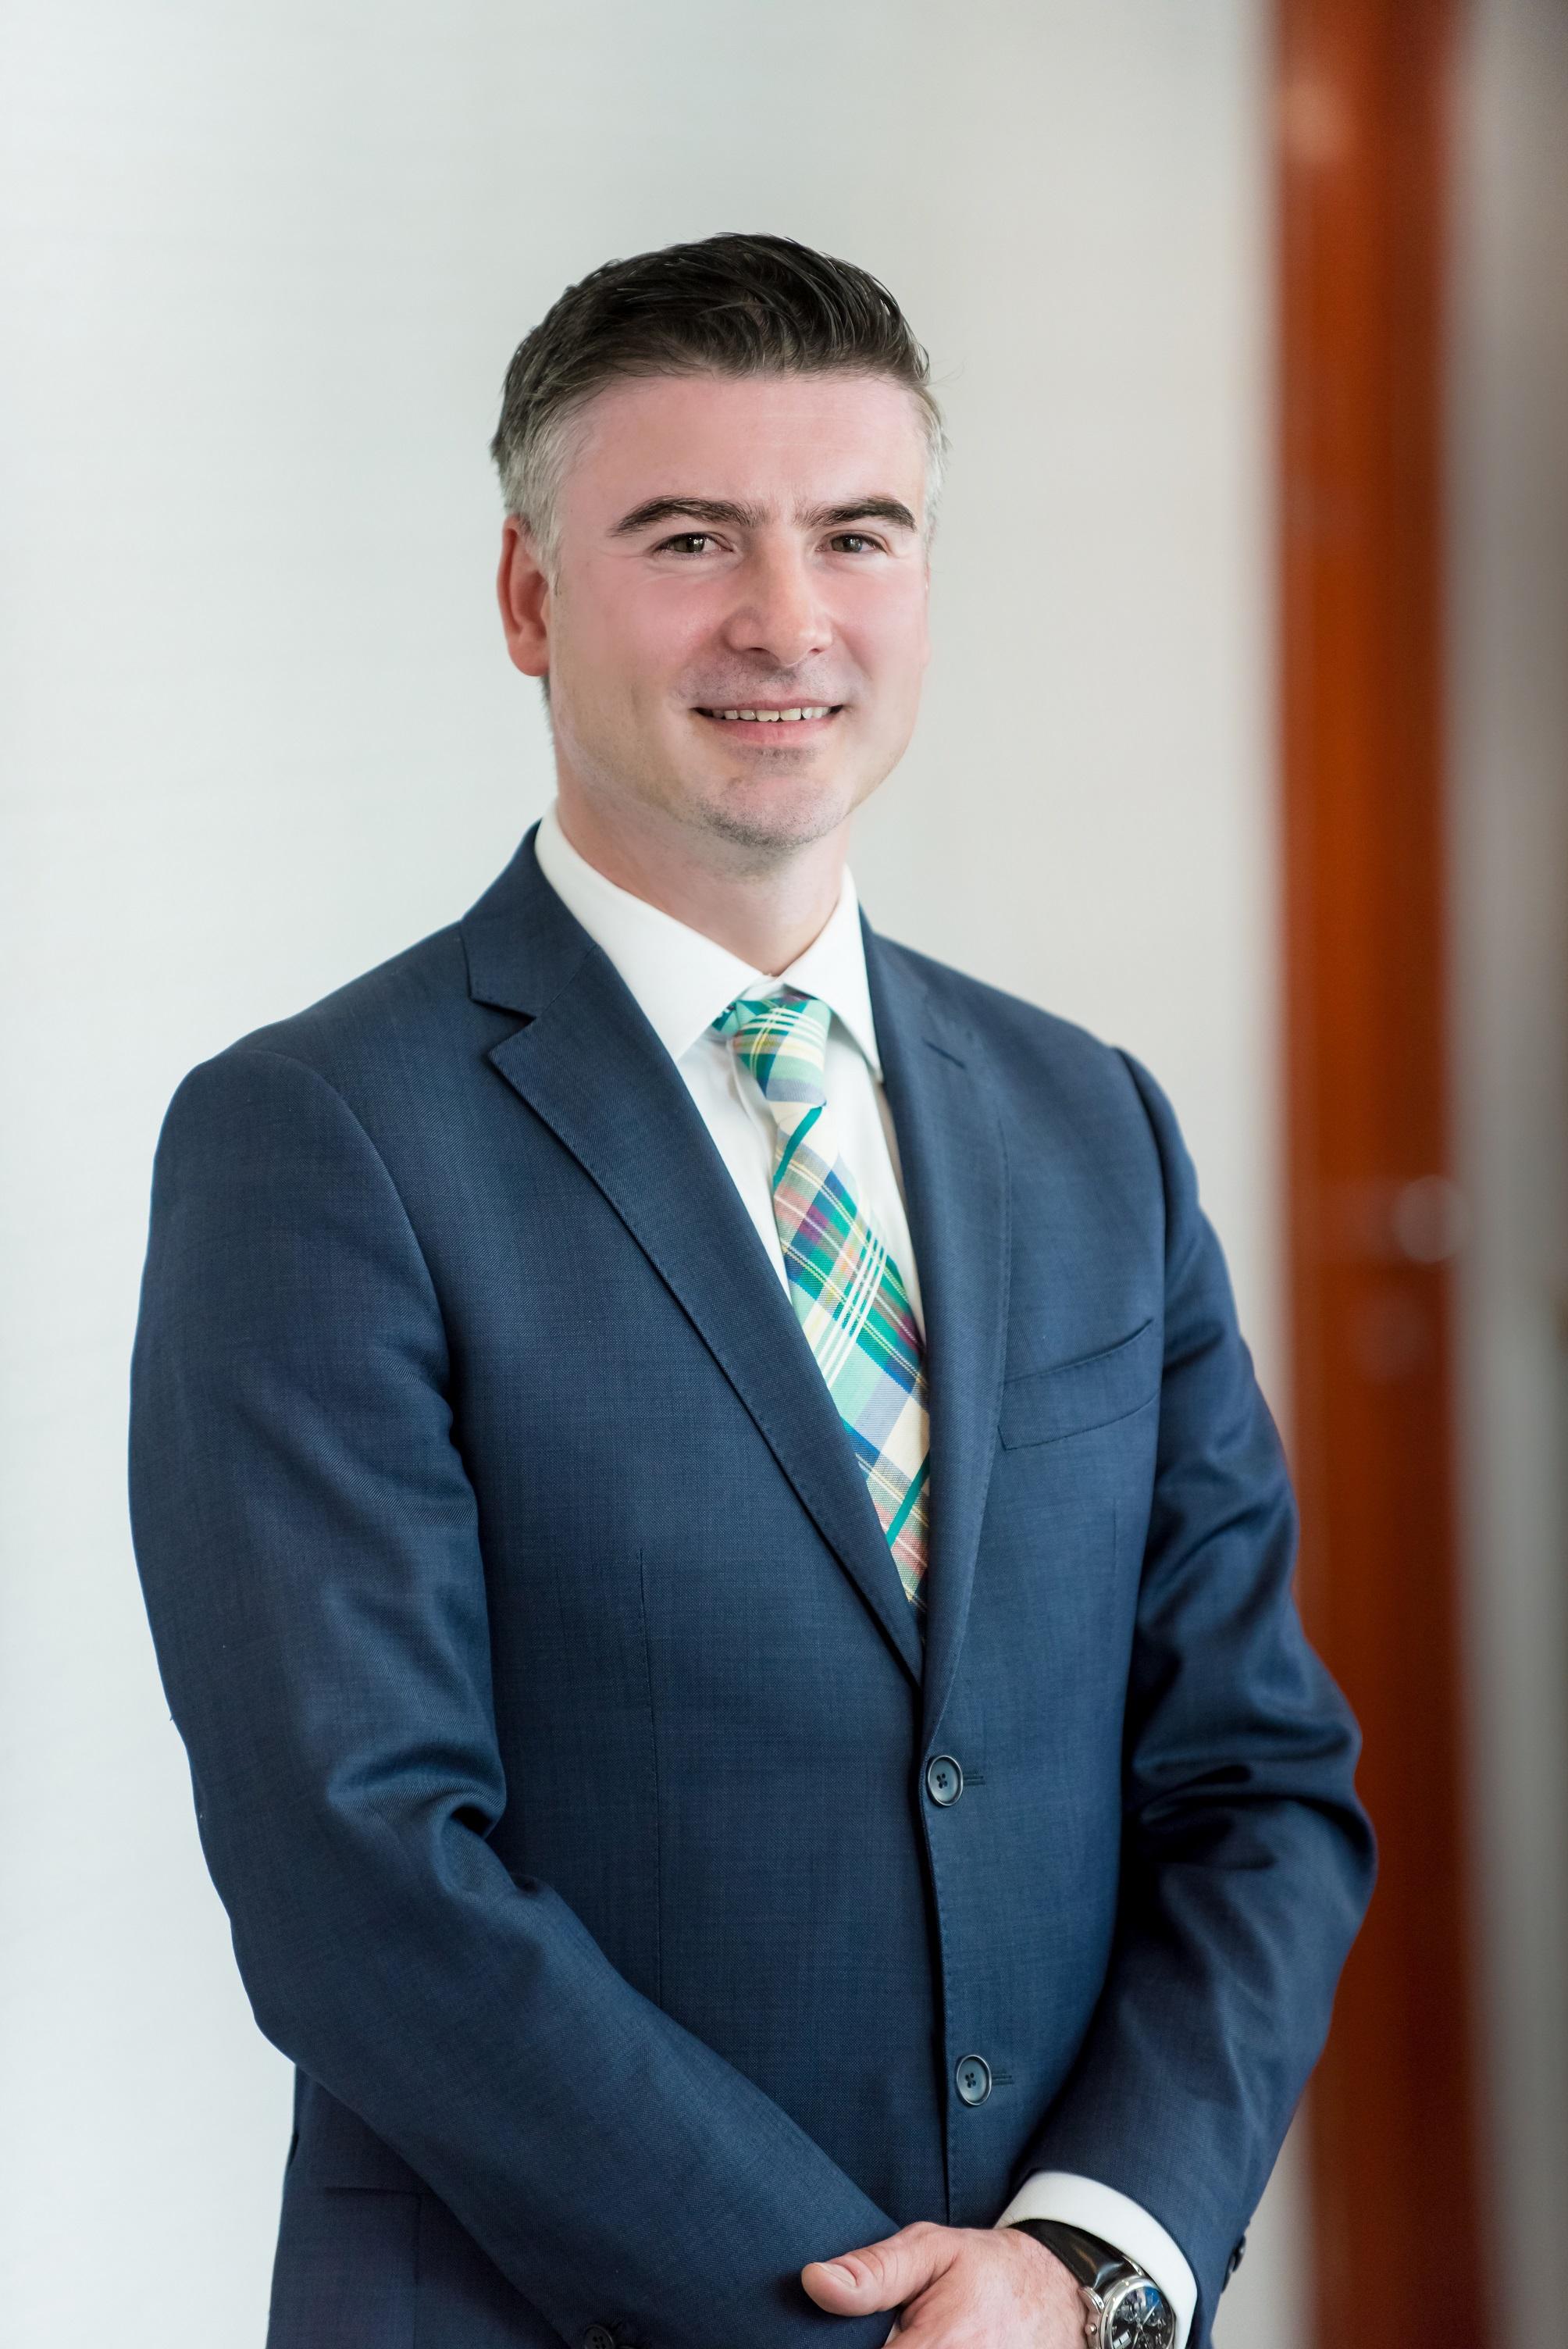 Ștefan Baciu, SAS România: Majoritatea băncilor înțeleg valoarea analizelor avansate și construiesc o strategie în jurul lor